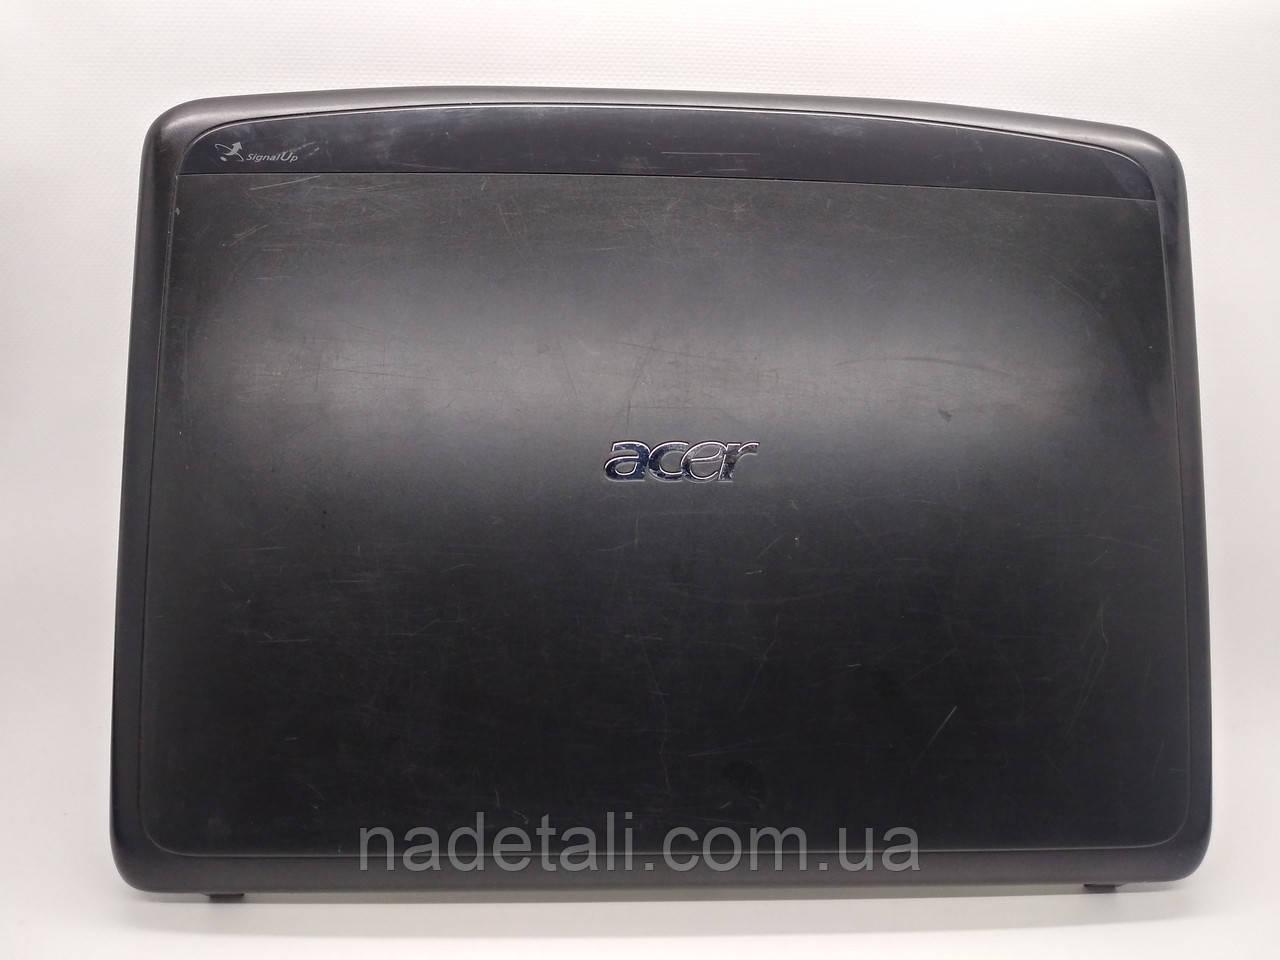 Крышка матрицы Acer Aspire 5520 5720 AP01K000400